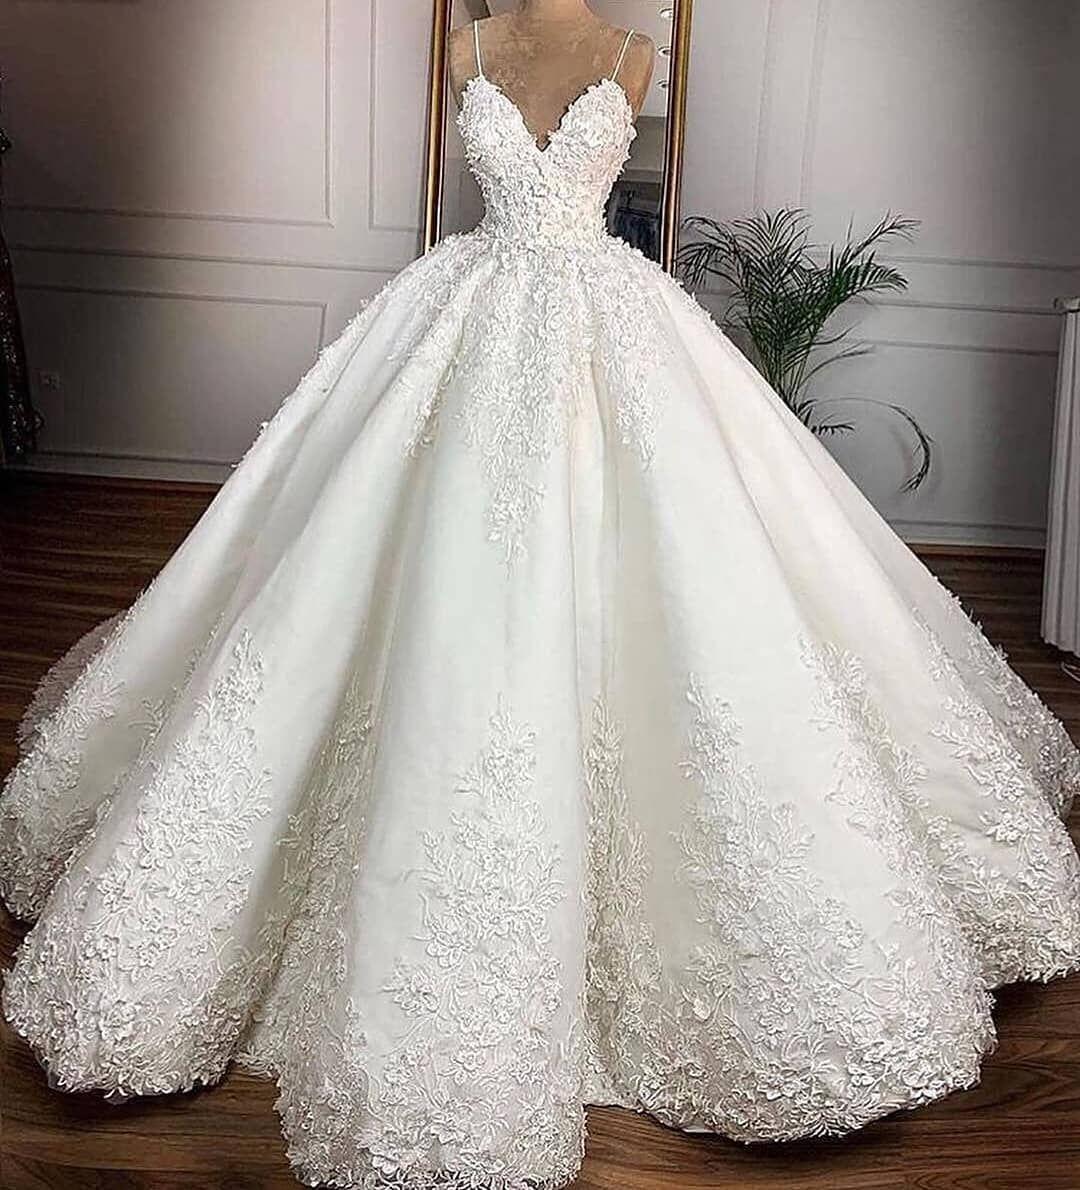 Kleid Modelle und Hochzeitskleid Modelle und Ideen Seba Gelinlik